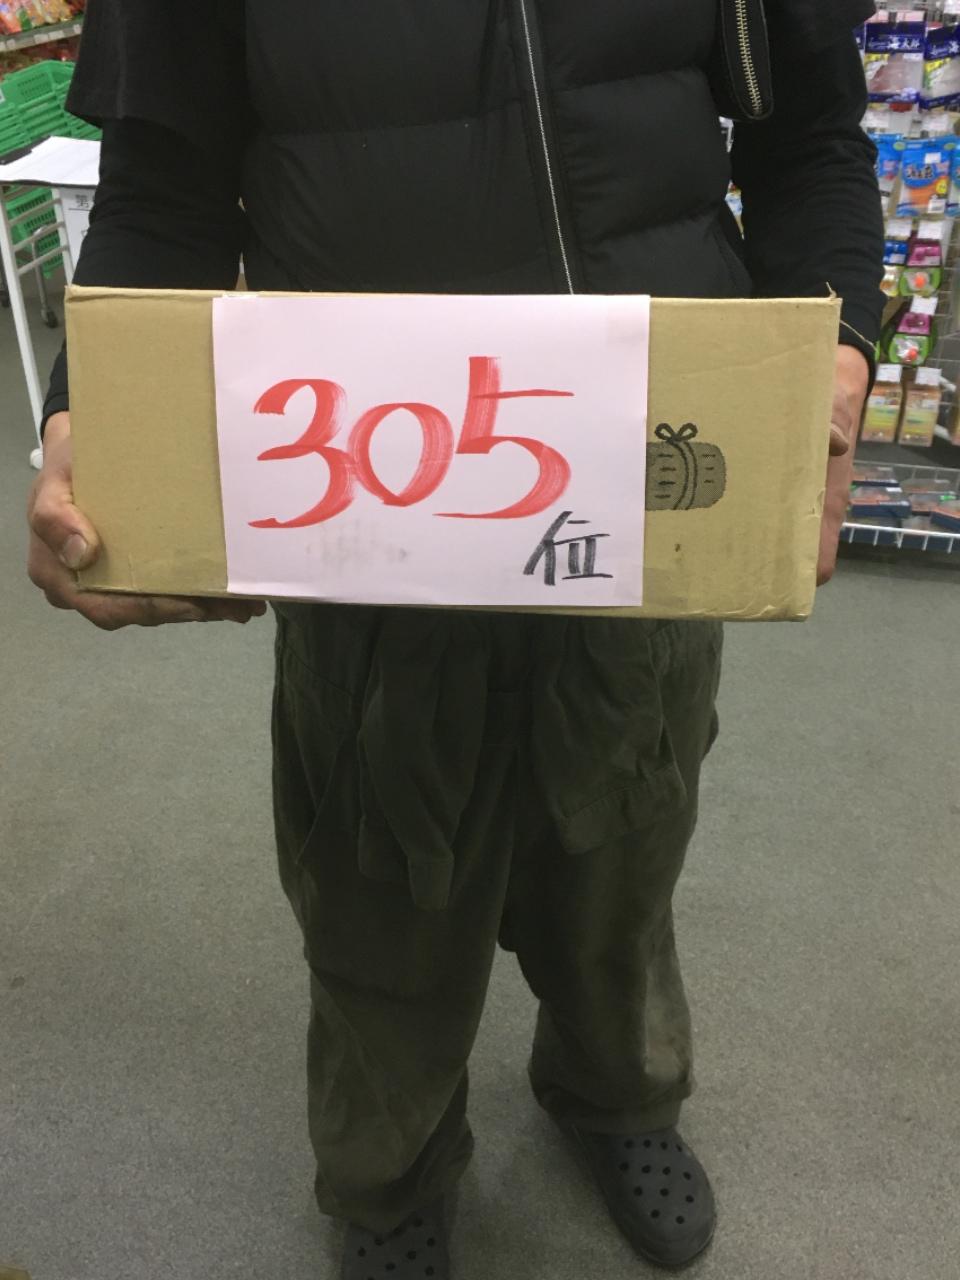 12/24    第5回アオリダービー     305 位  社長様  お米10㎏ get !! おめでとうございます。